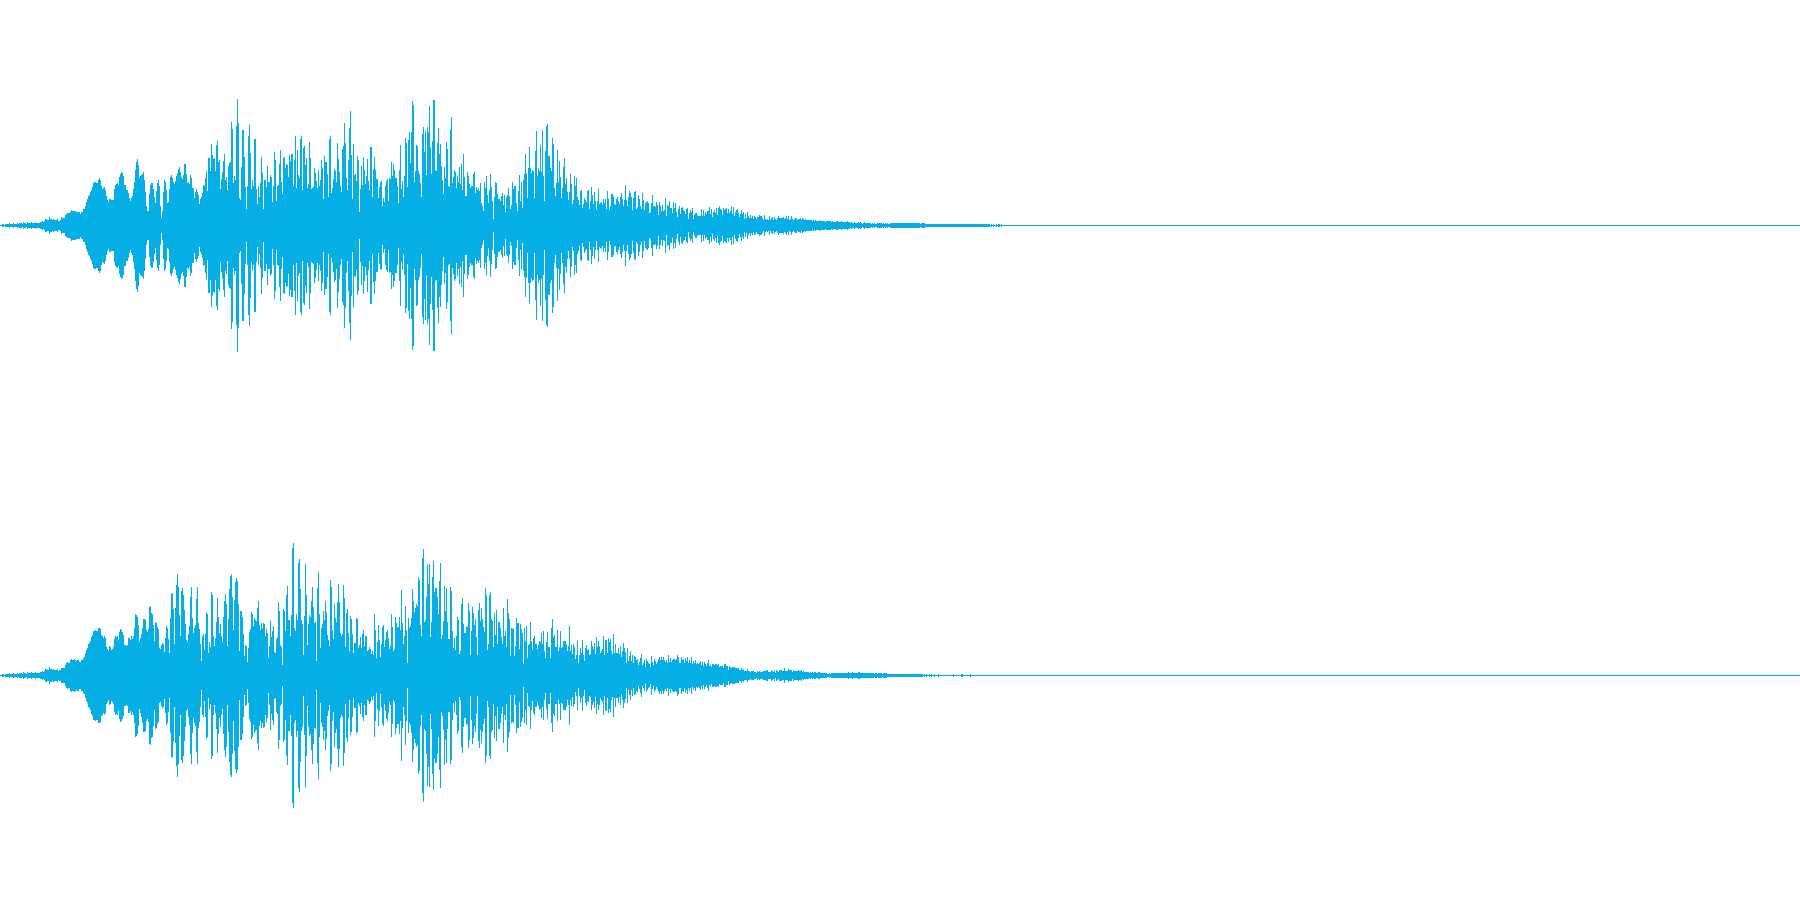 回復・セーブ&ロード時の音の再生済みの波形